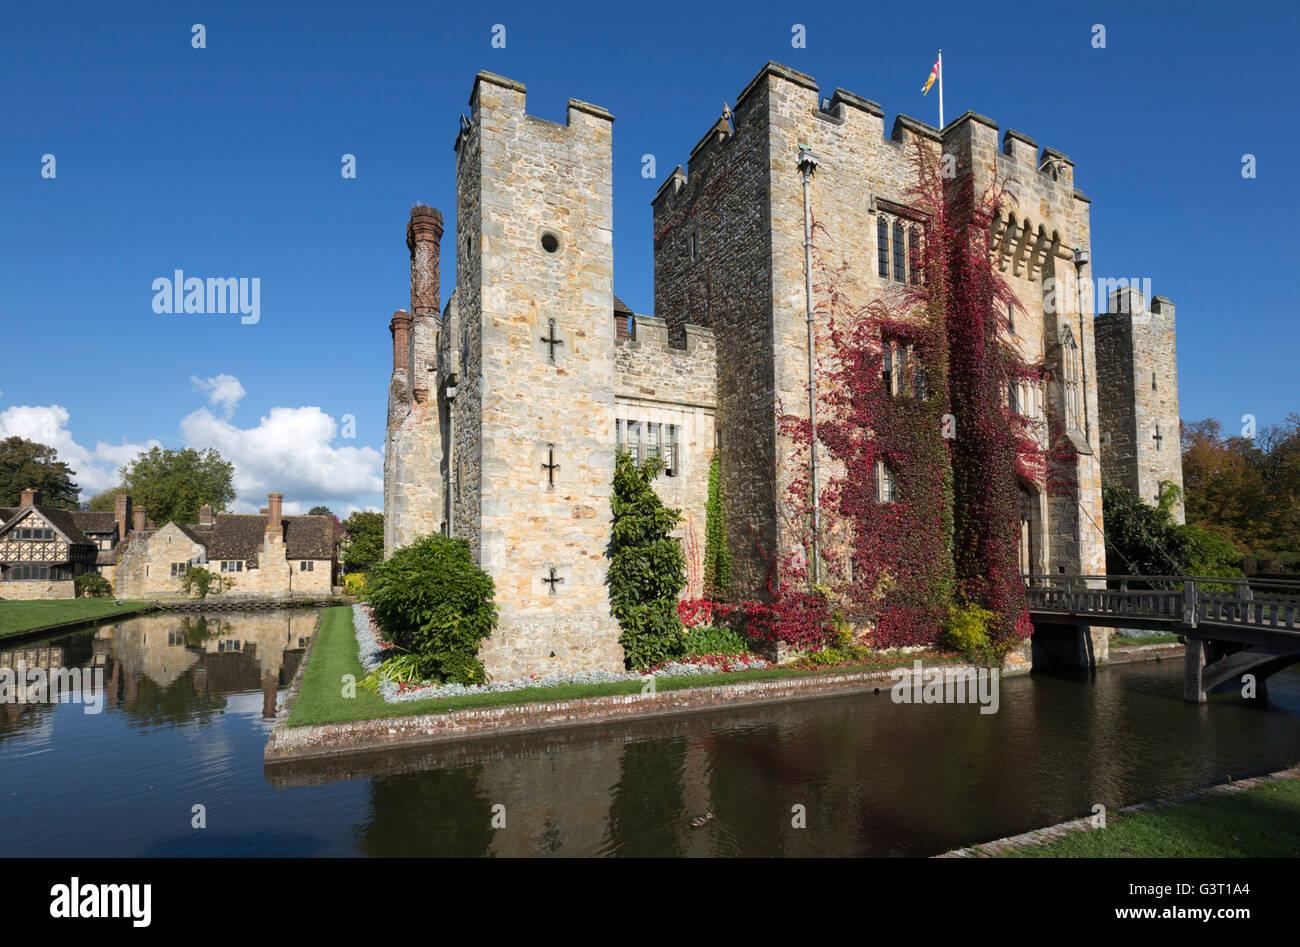 Il castello di Hever Castle e giardini, Hever, Kent, England, Regno Unito, Europa Immagini Stock